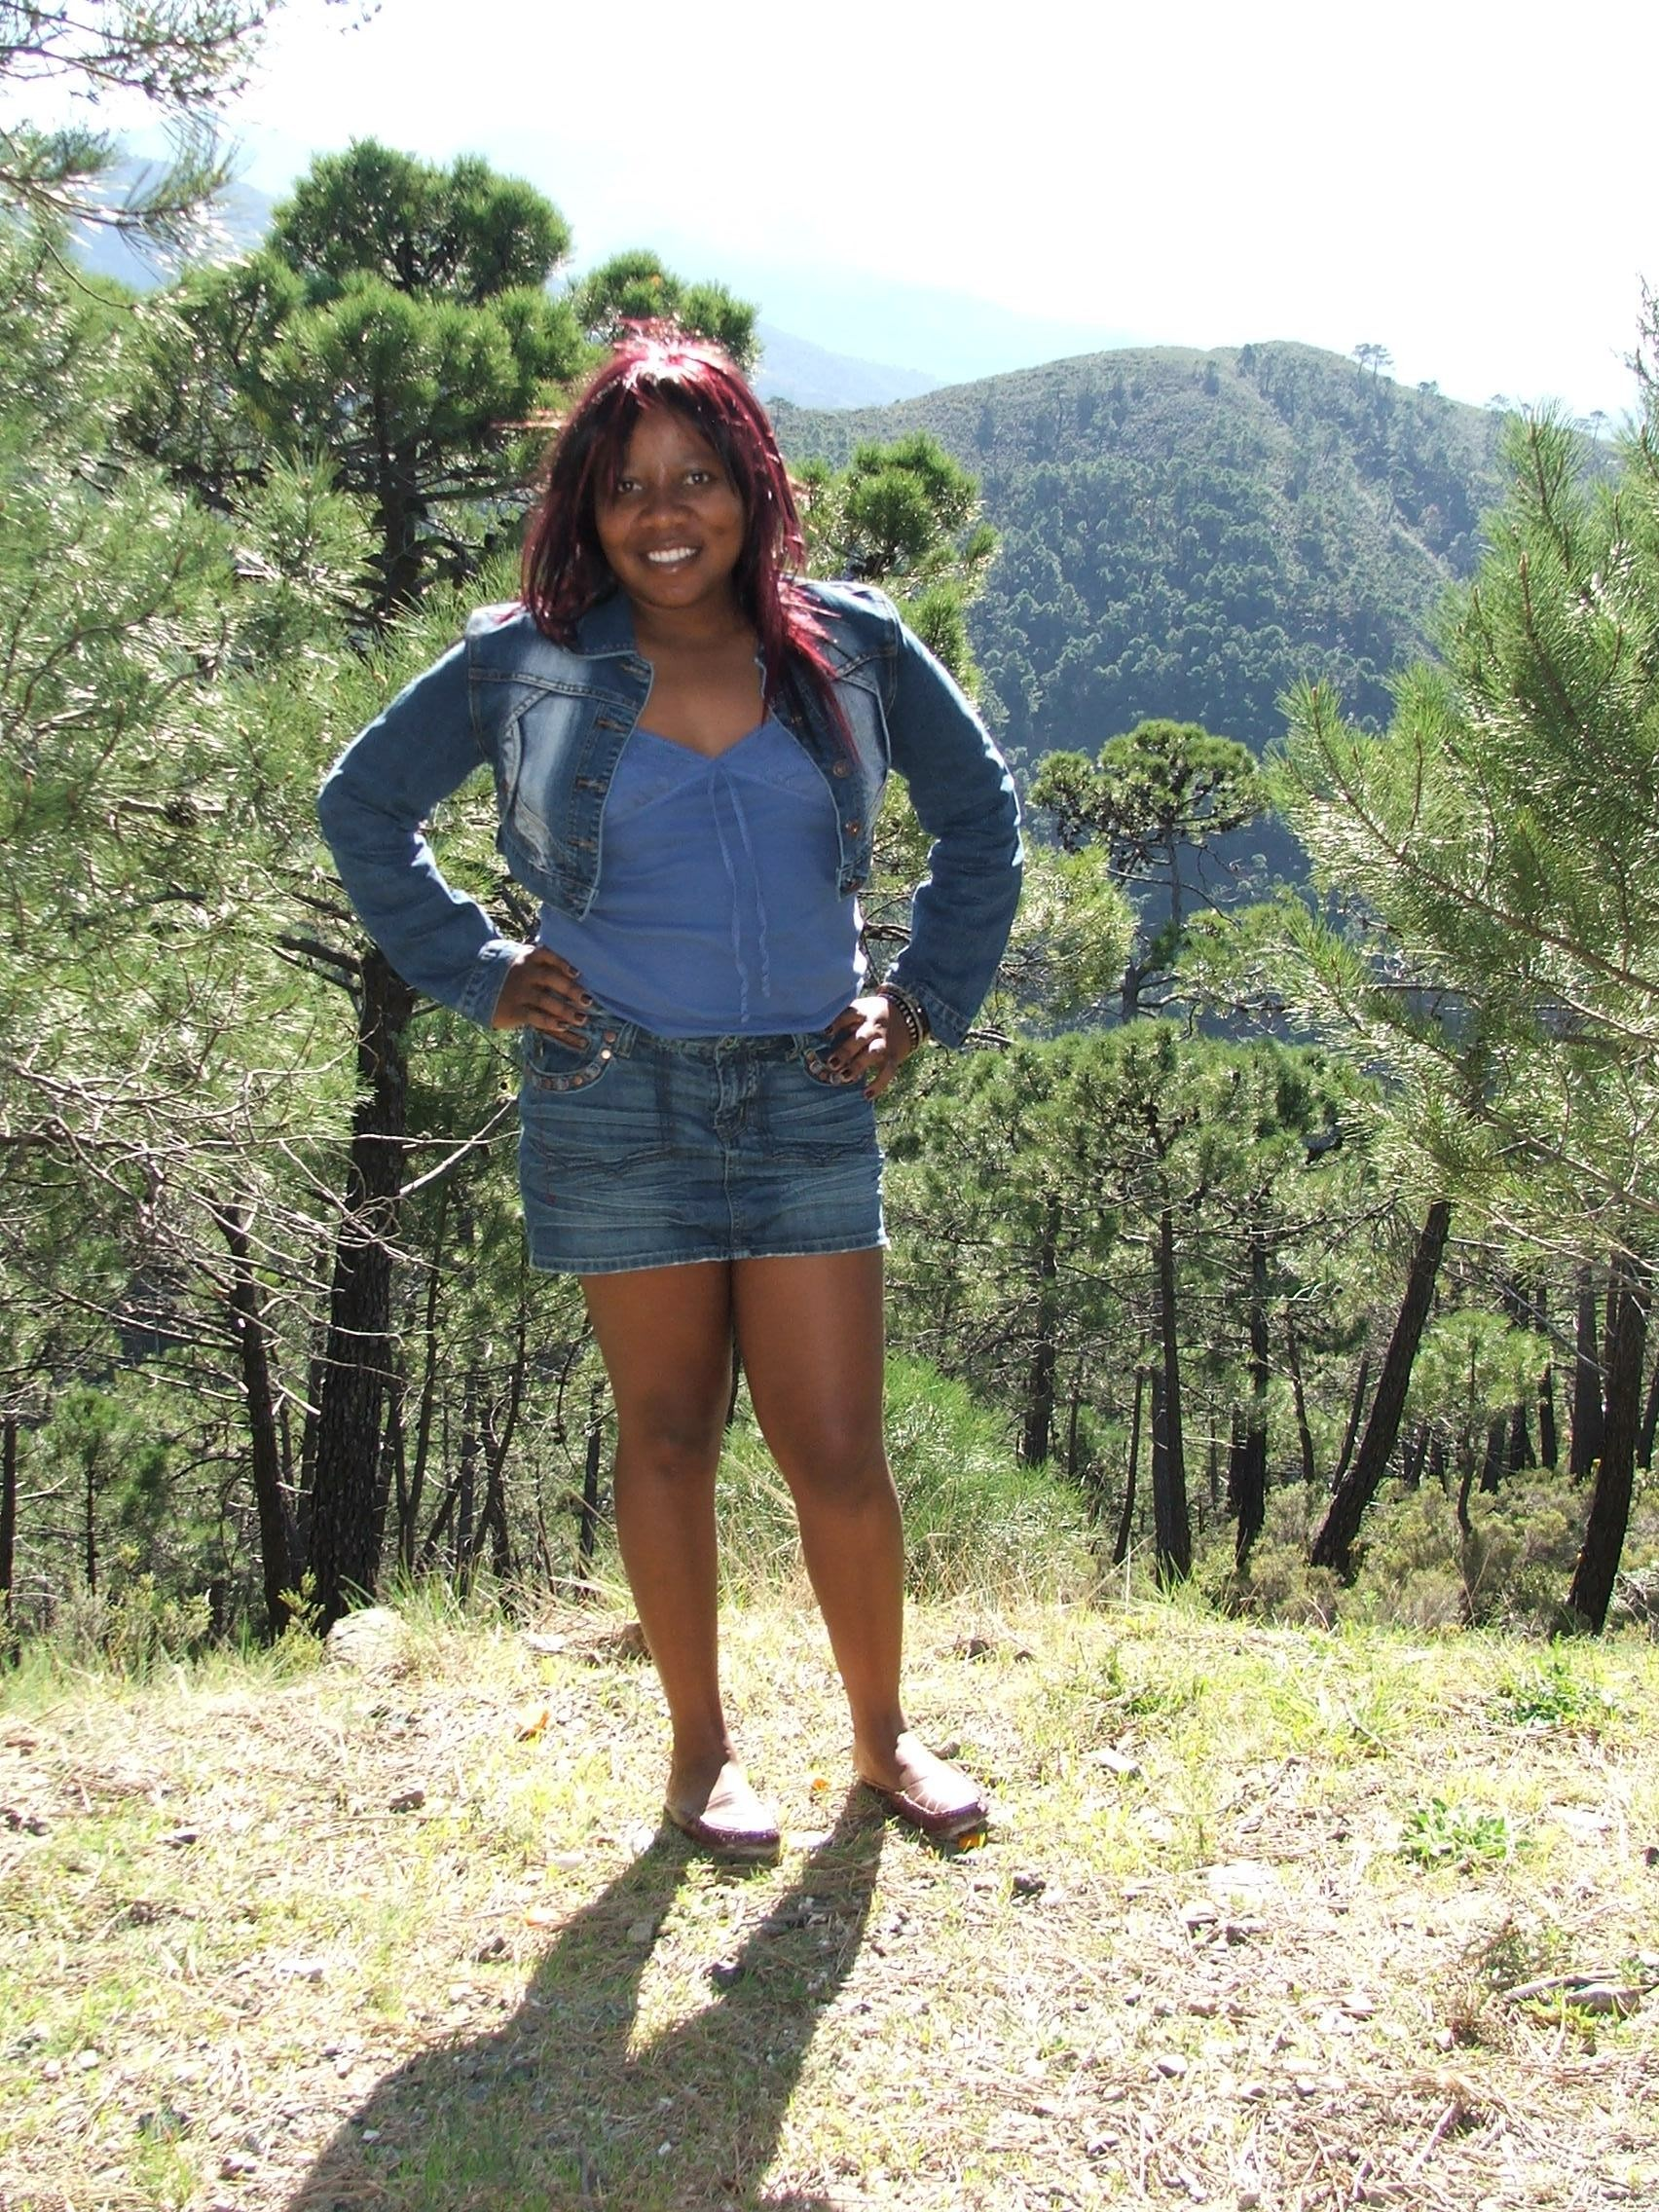 Нигерийка отдыхает в Испании и снимается голая